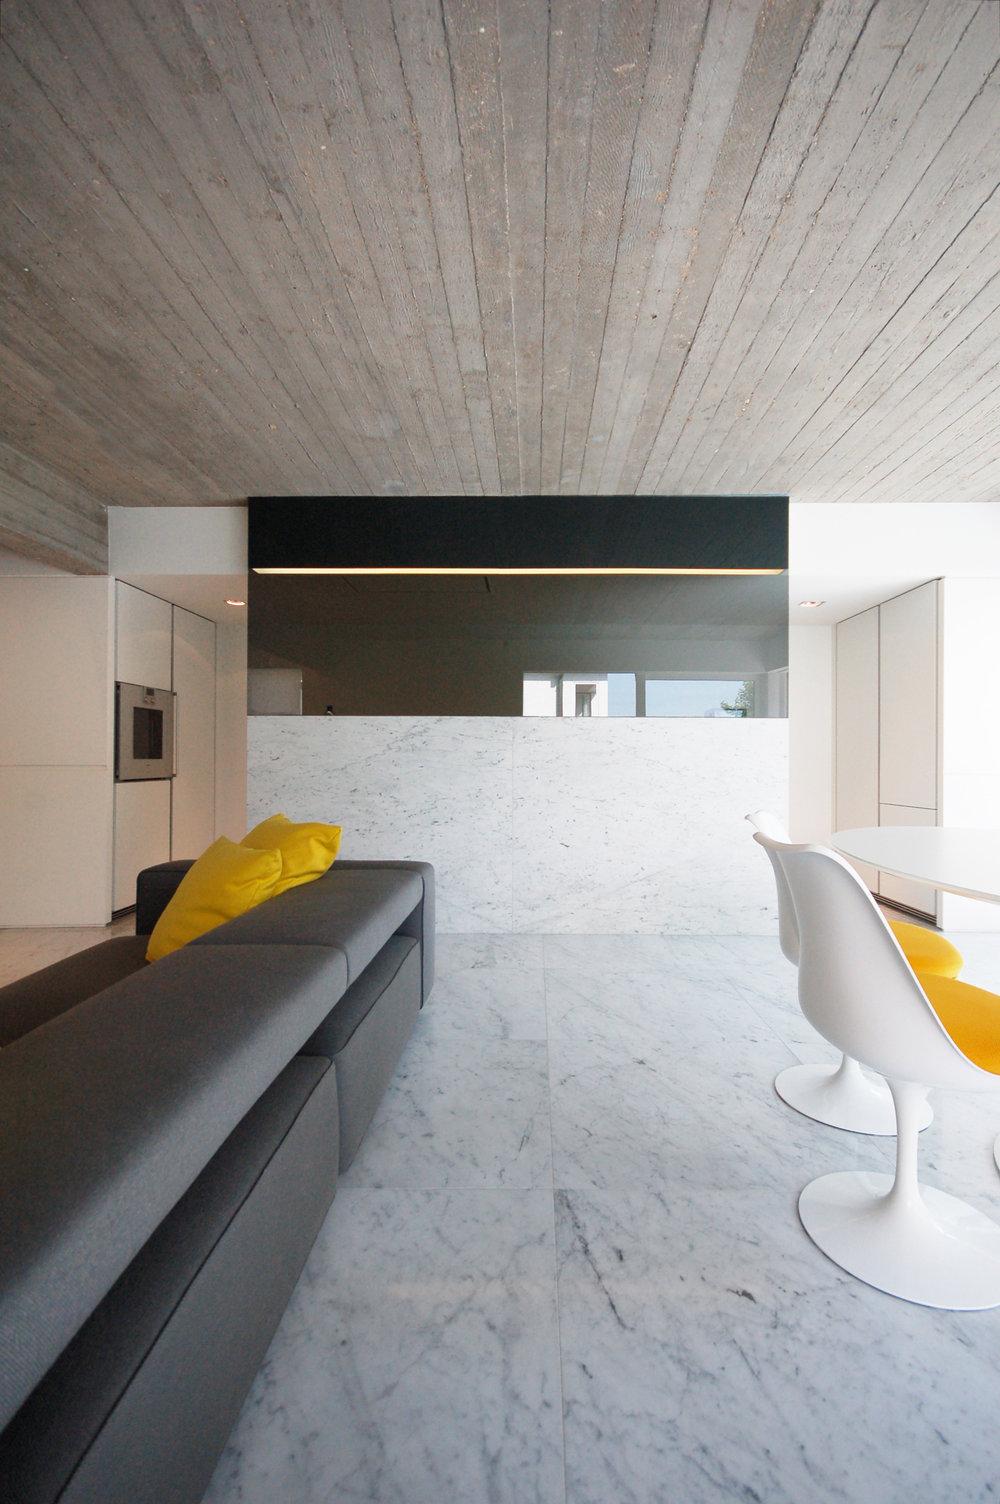 demeestervliegen-architecture-interior-interiorarchitecture-office22.jpg